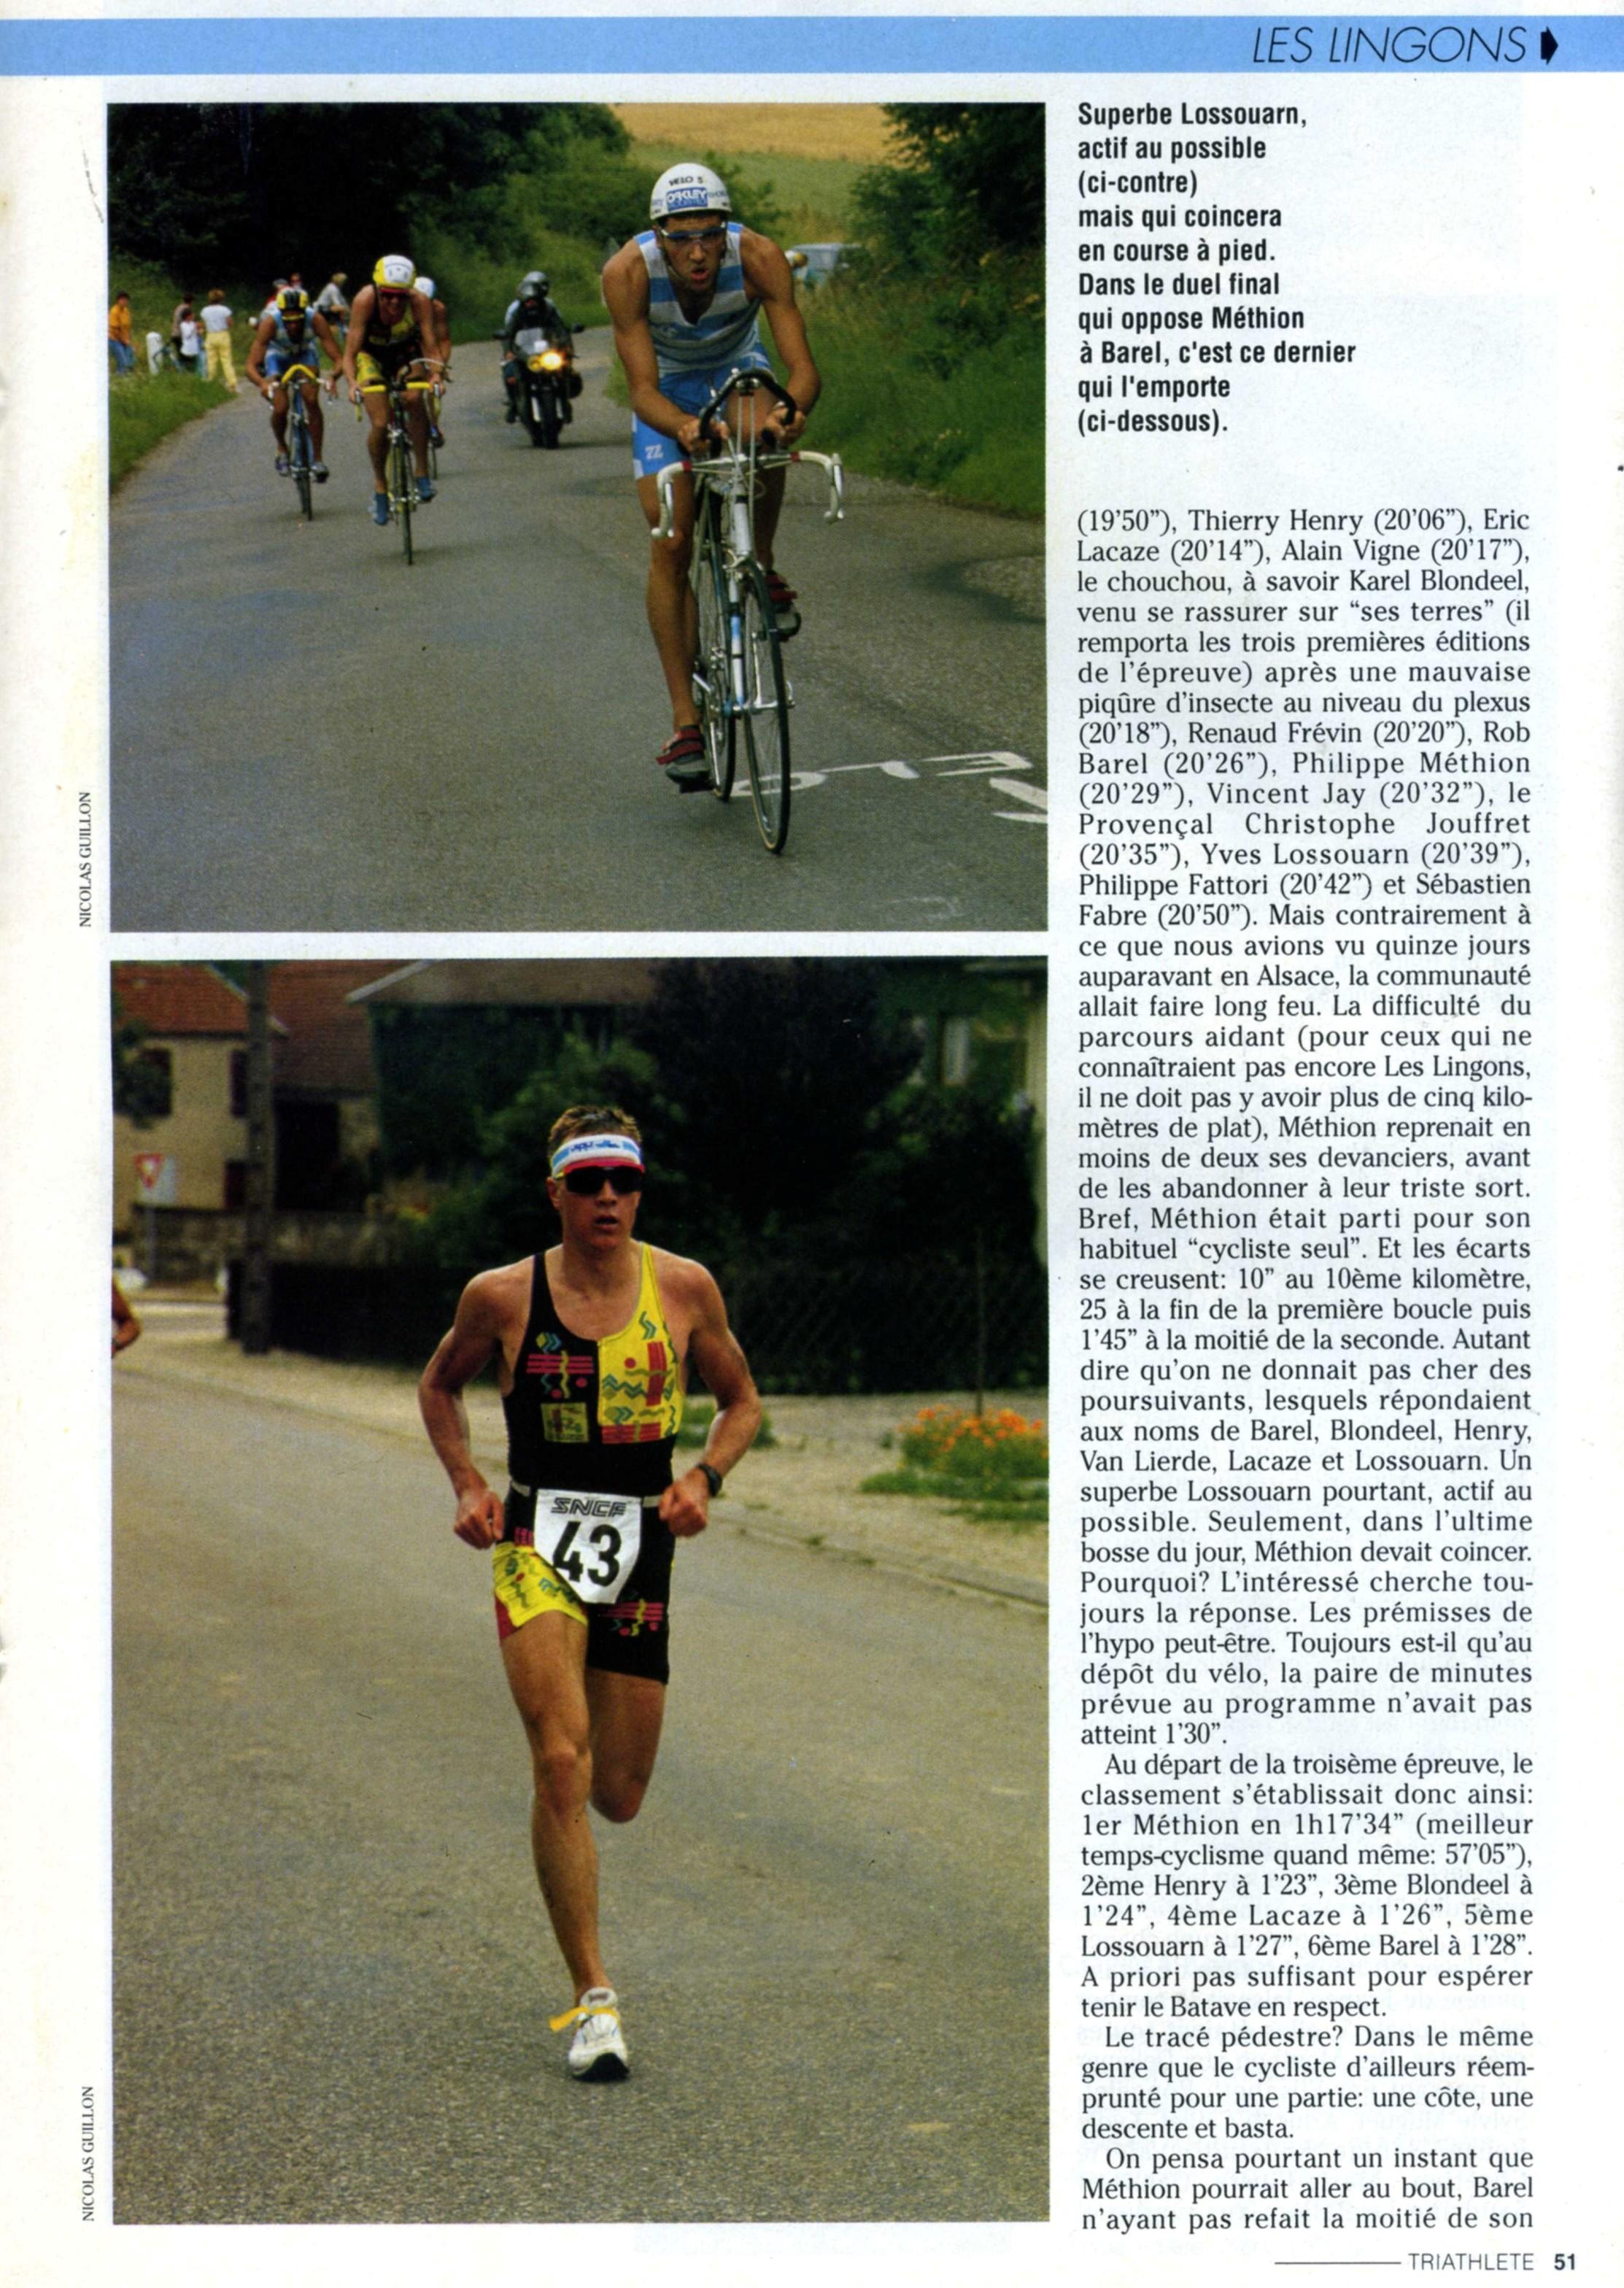 img017_les_lingons_08-07-1990_70